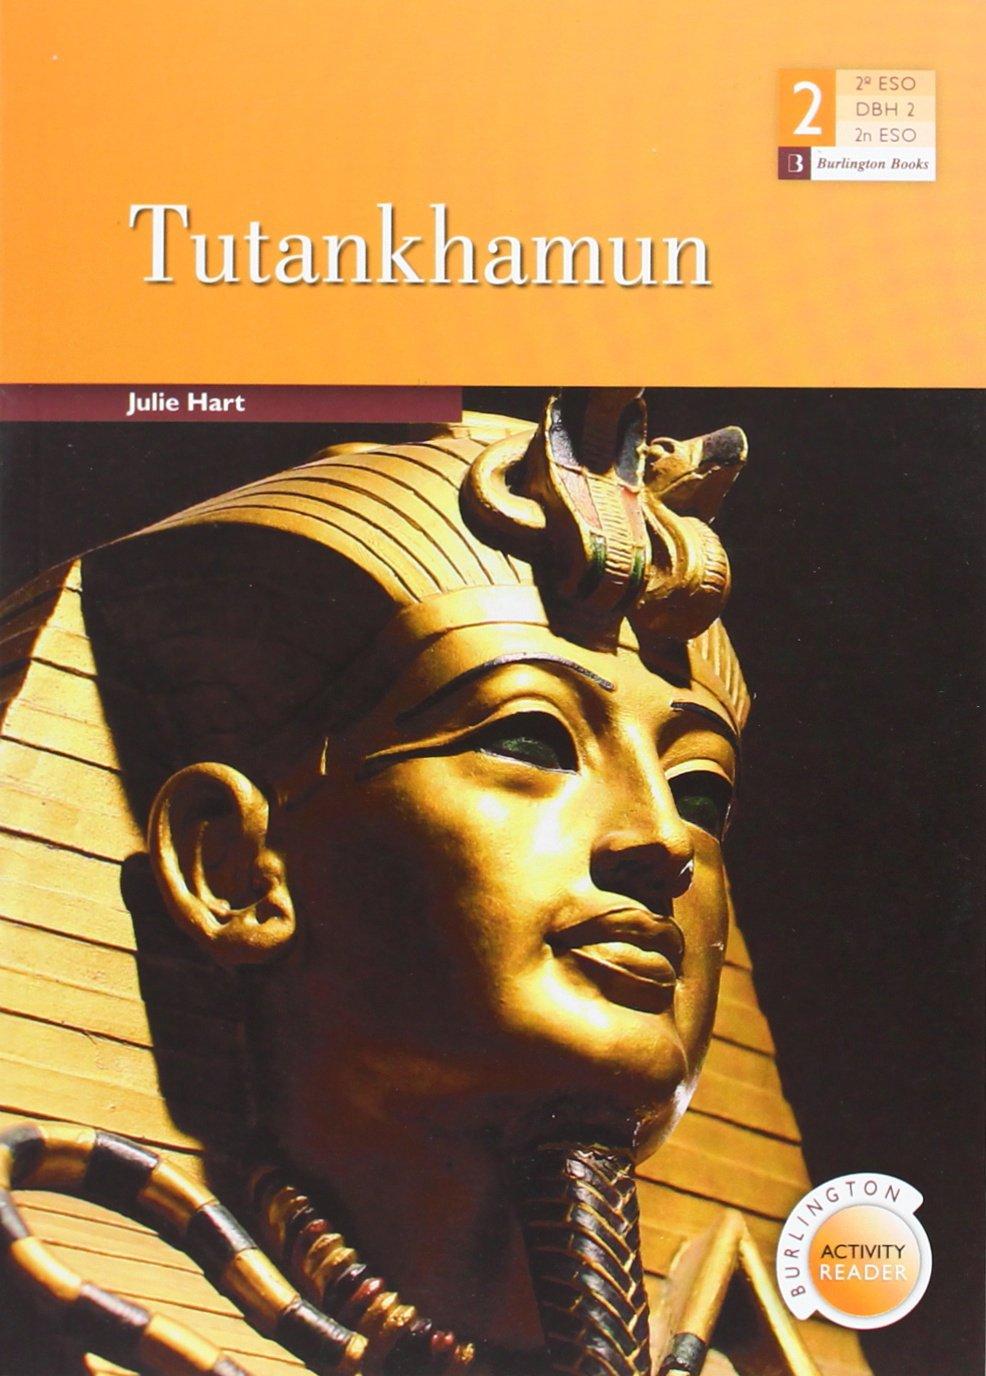 Tutankhamun 2 eso: Amazon.es: Vv.Aa, Vv.Aa: Libros